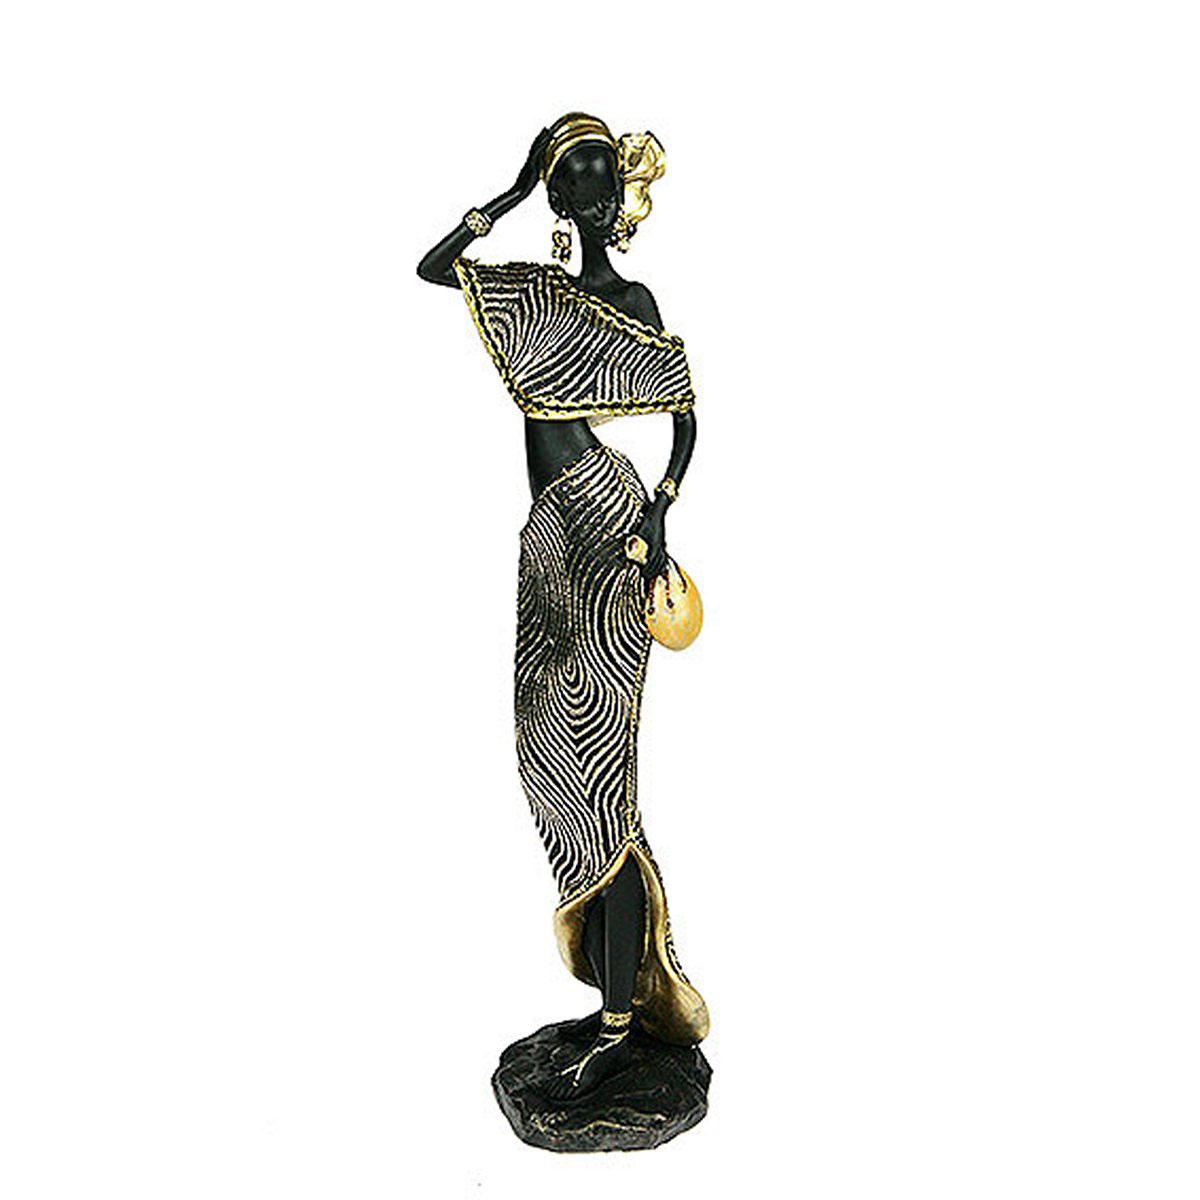 Статуэтка Русские Подарки Африканка, 10 х 10 х 38 см20622Статуэтка Русские Подарки Африканка, изготовленная из полистоуна, имеет изысканный внешний вид. Изделие станет прекрасным украшением интерьера гостиной, офиса или дома. Вы можете поставить статуэтку в любое место, где она будет удачно смотреться и радовать глаз. Правила ухода: регулярно вытирать пыль сухой, мягкой тканью.